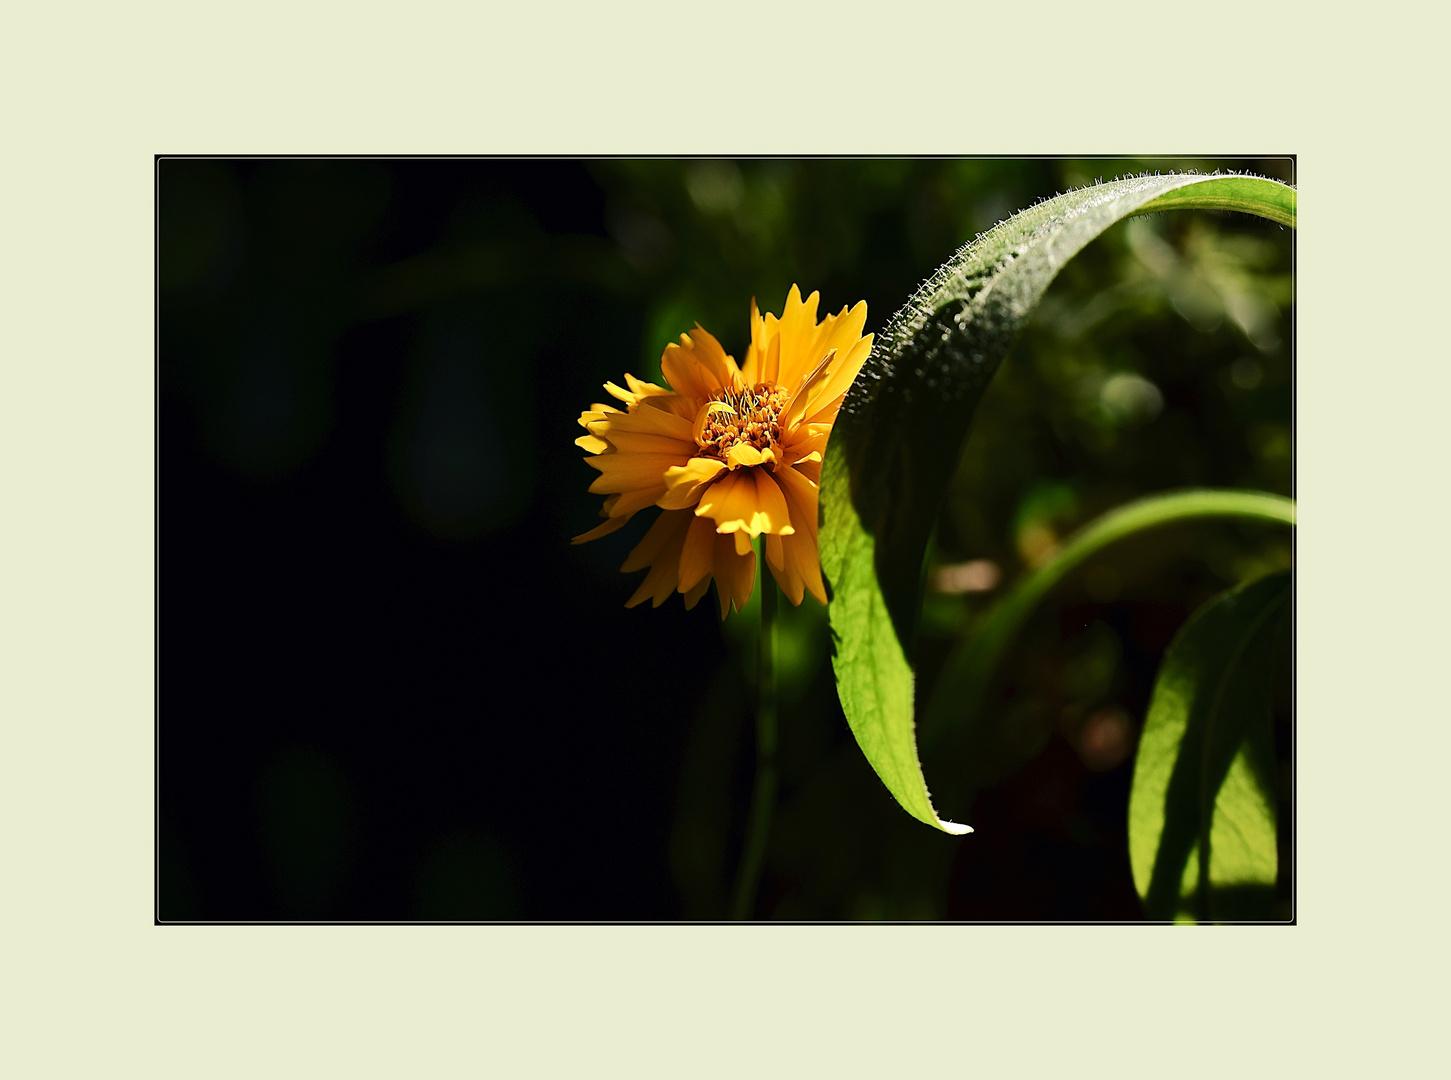 Strohblume im Halbschatten